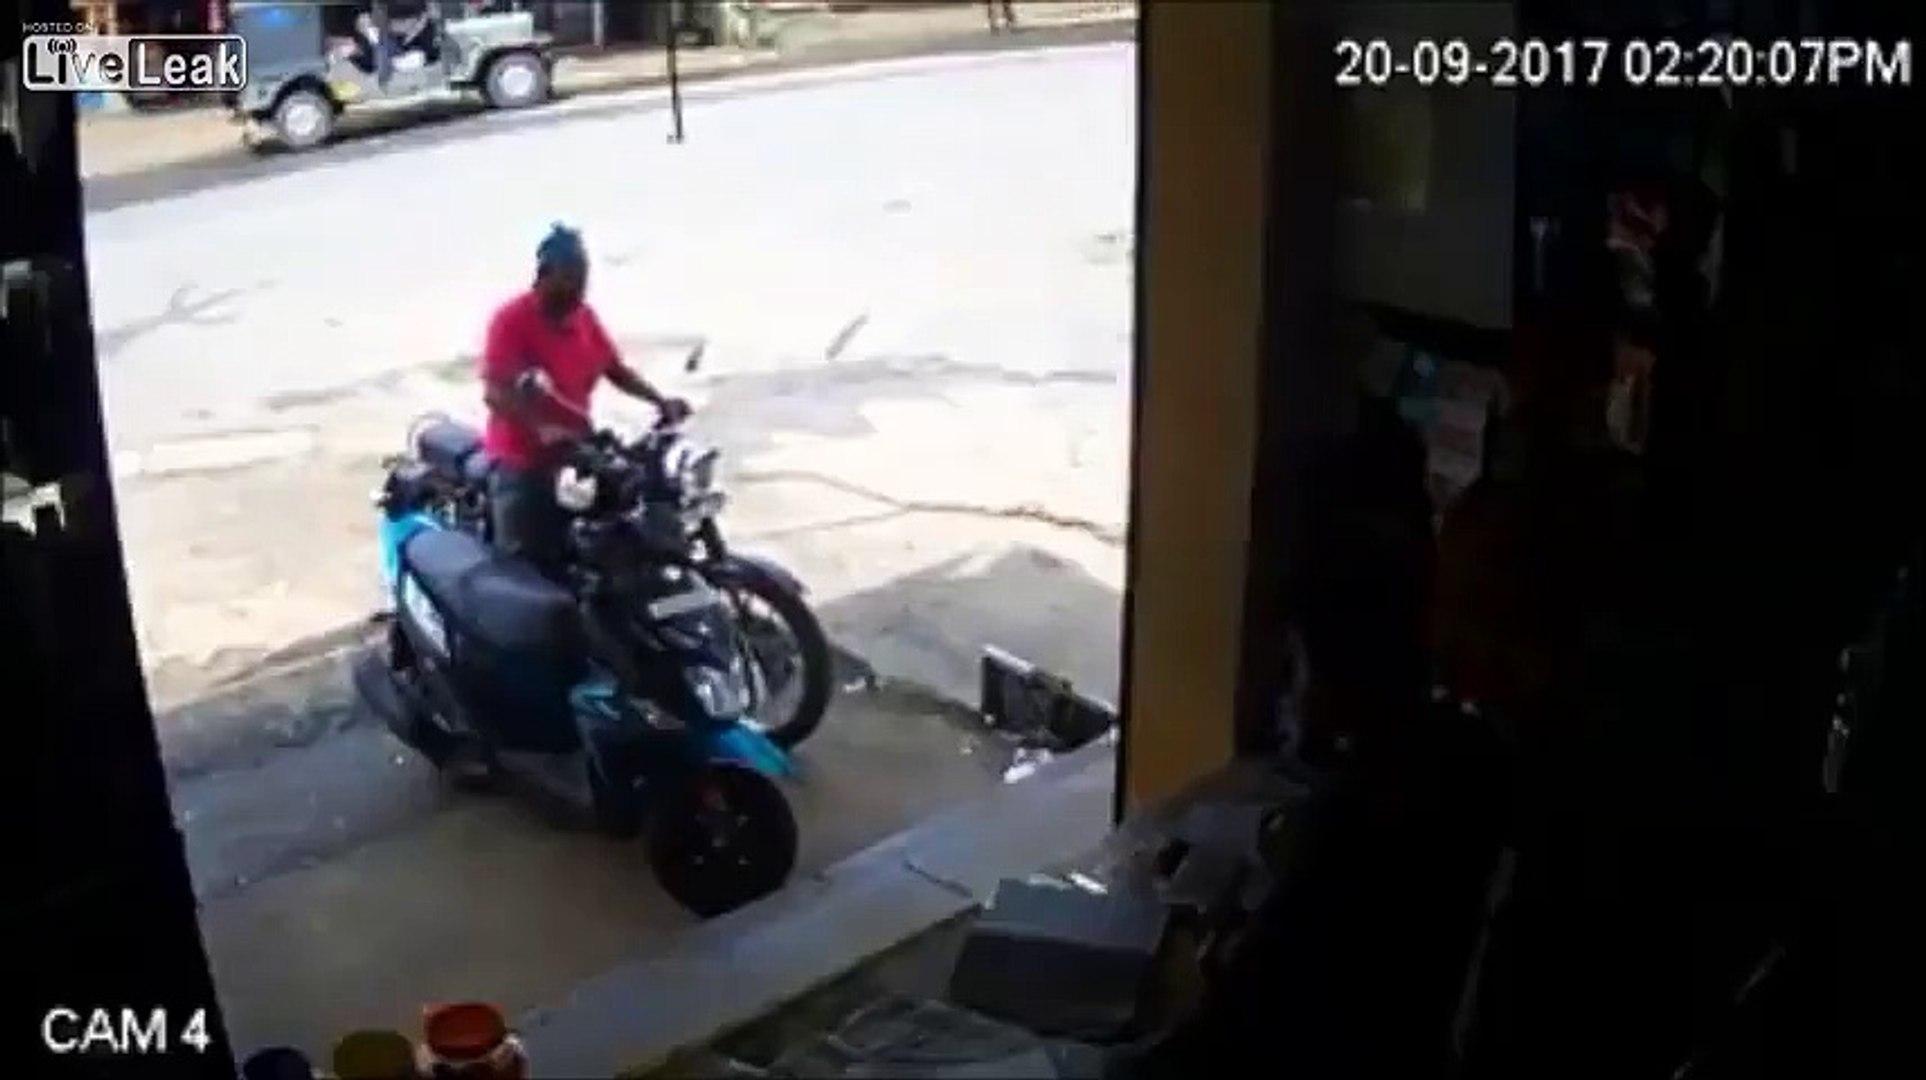 Amener sa moto au garage... et la détruire à l'arrêt lamentablement !